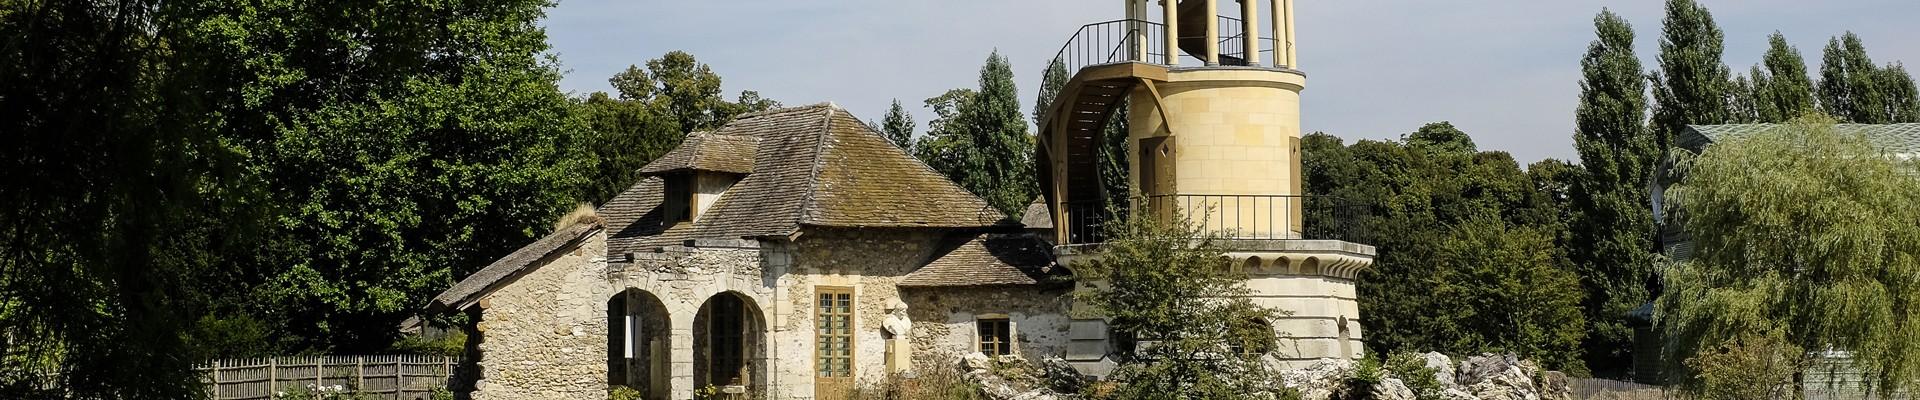 Queen's hamlet